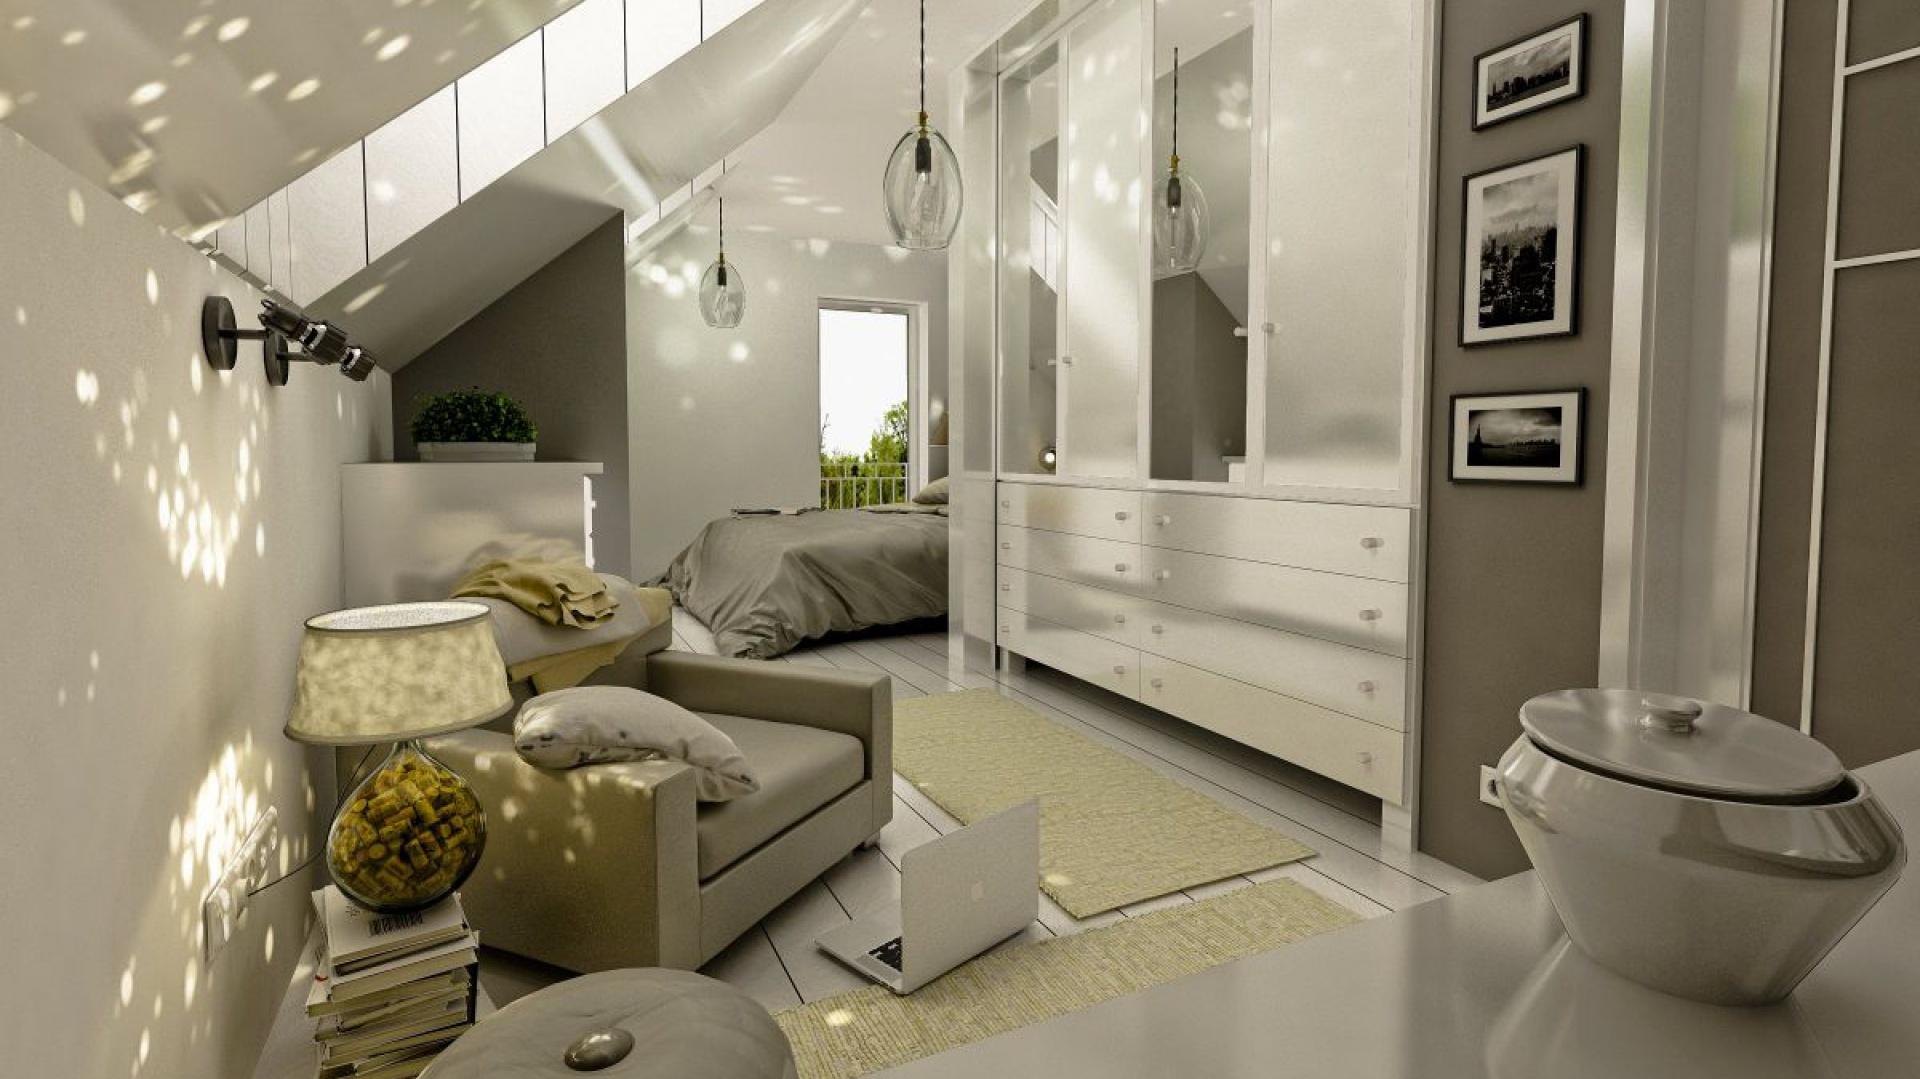 Mały Dom Zobacz Piękne Wnętrze W Stylu Retro